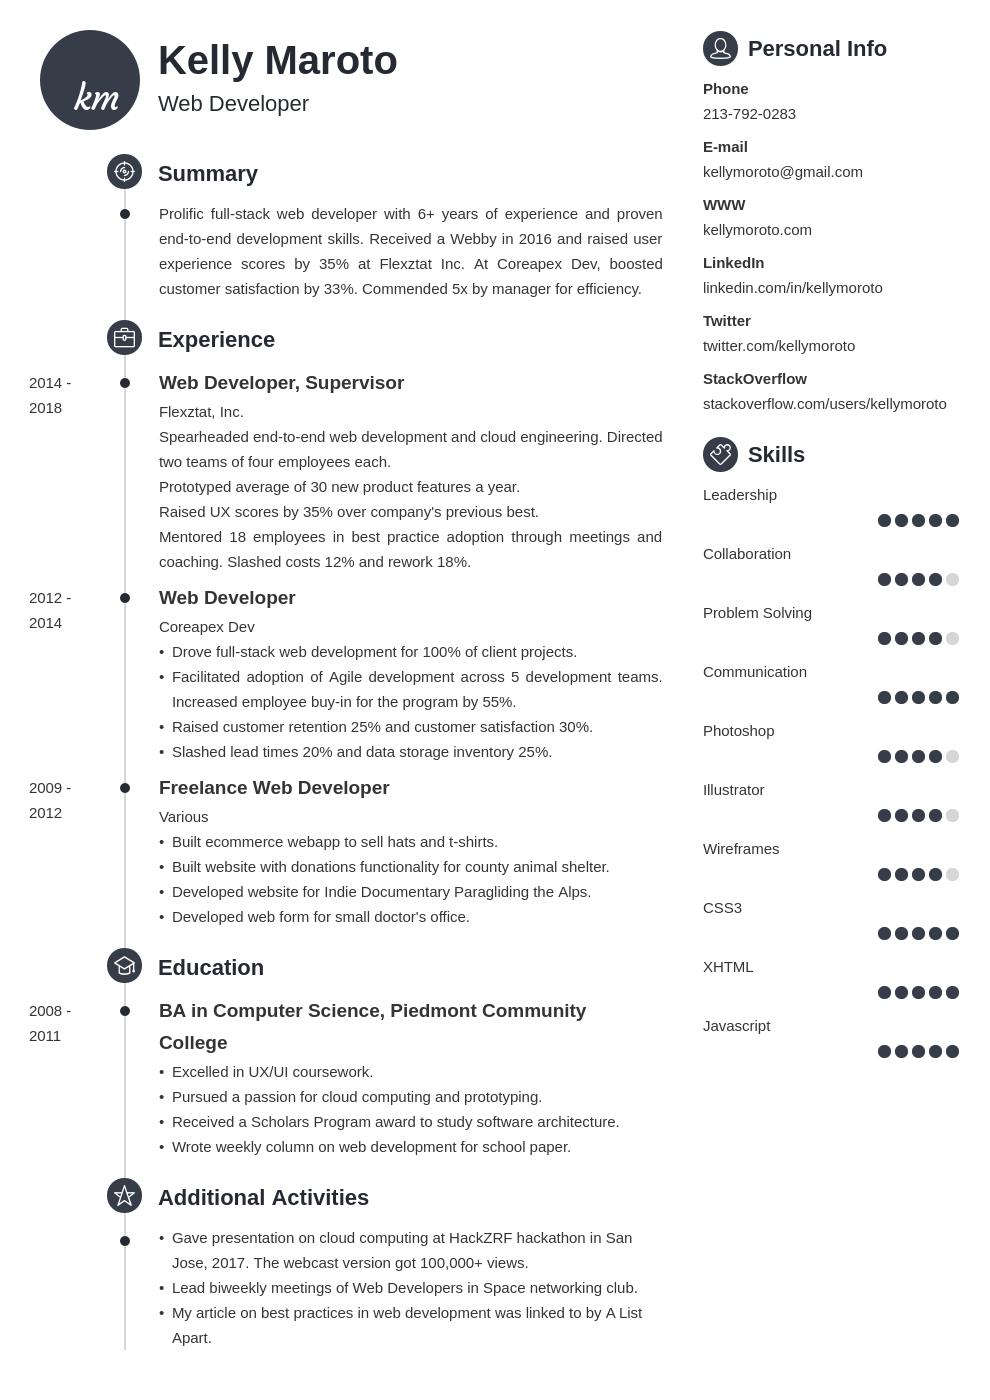 web developer template primo